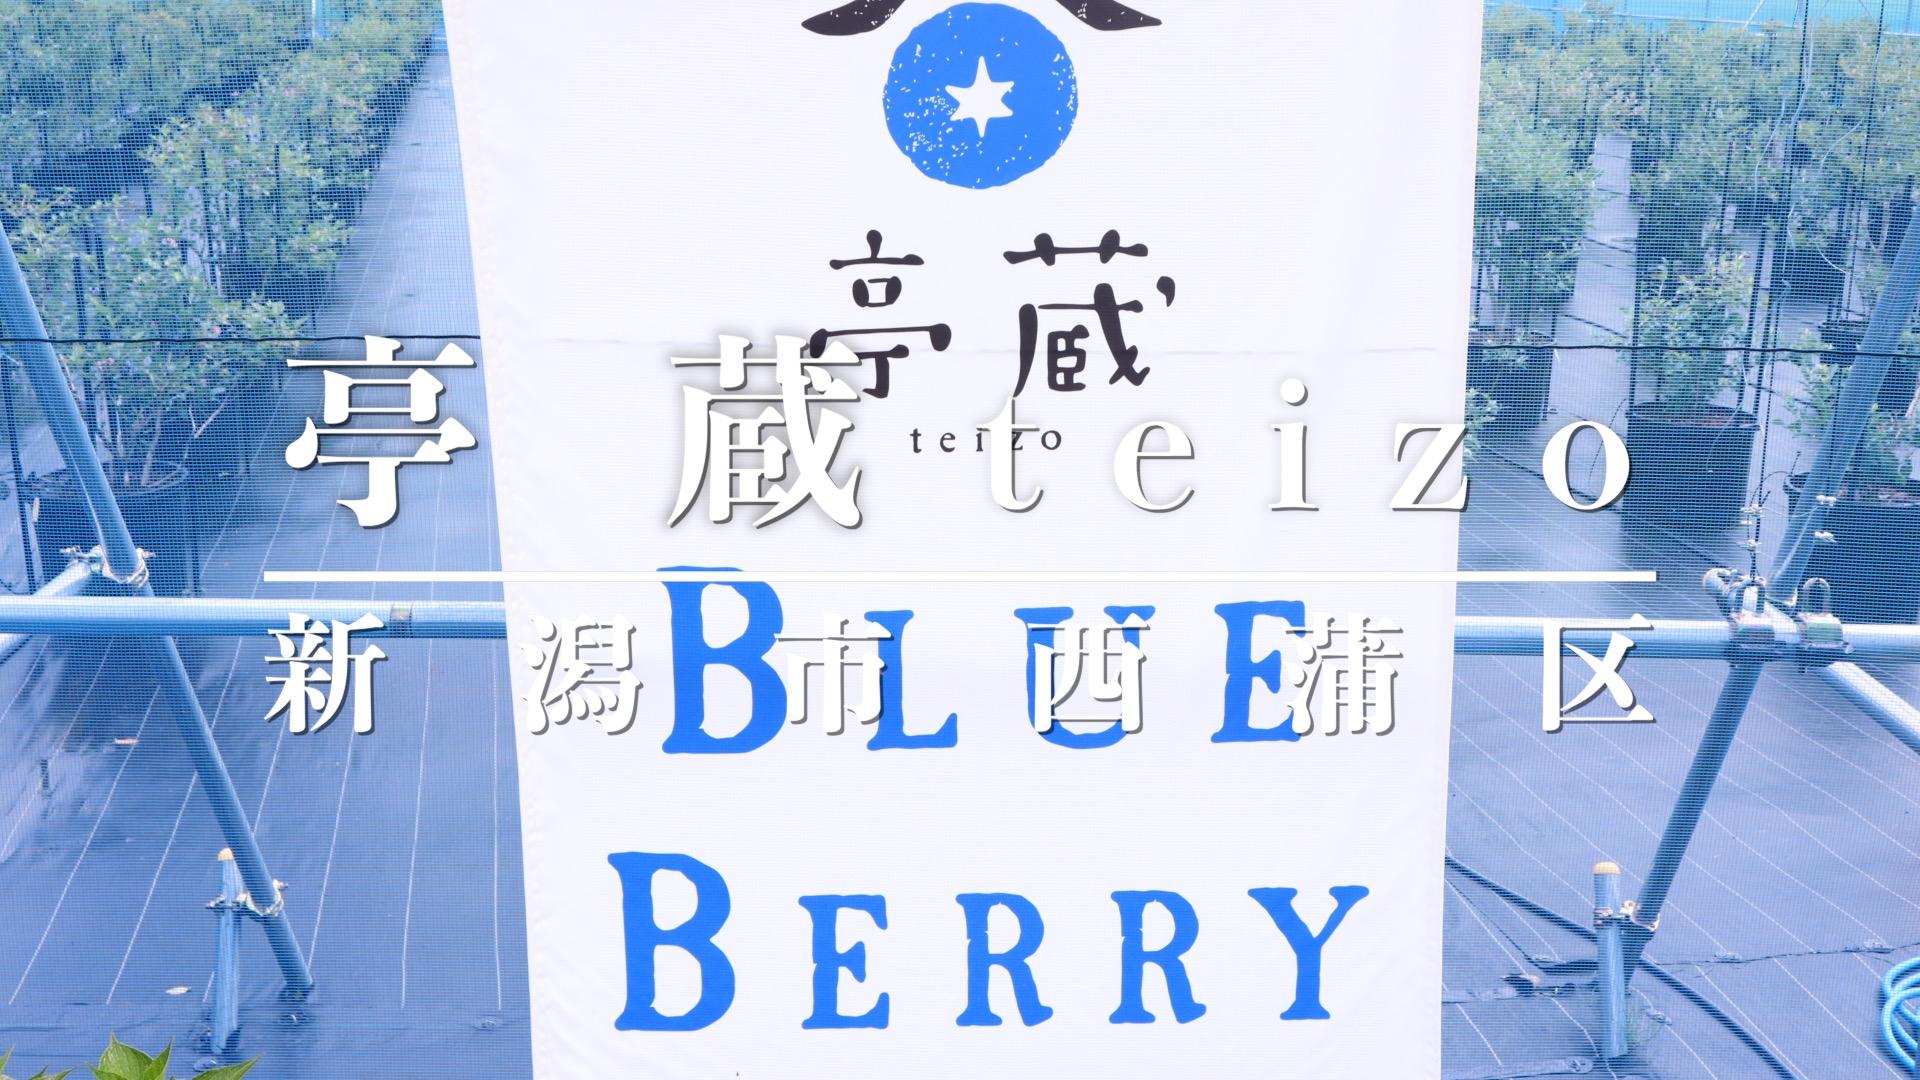 亭蔵(teizo)BLUE BERRYアイキャッチ